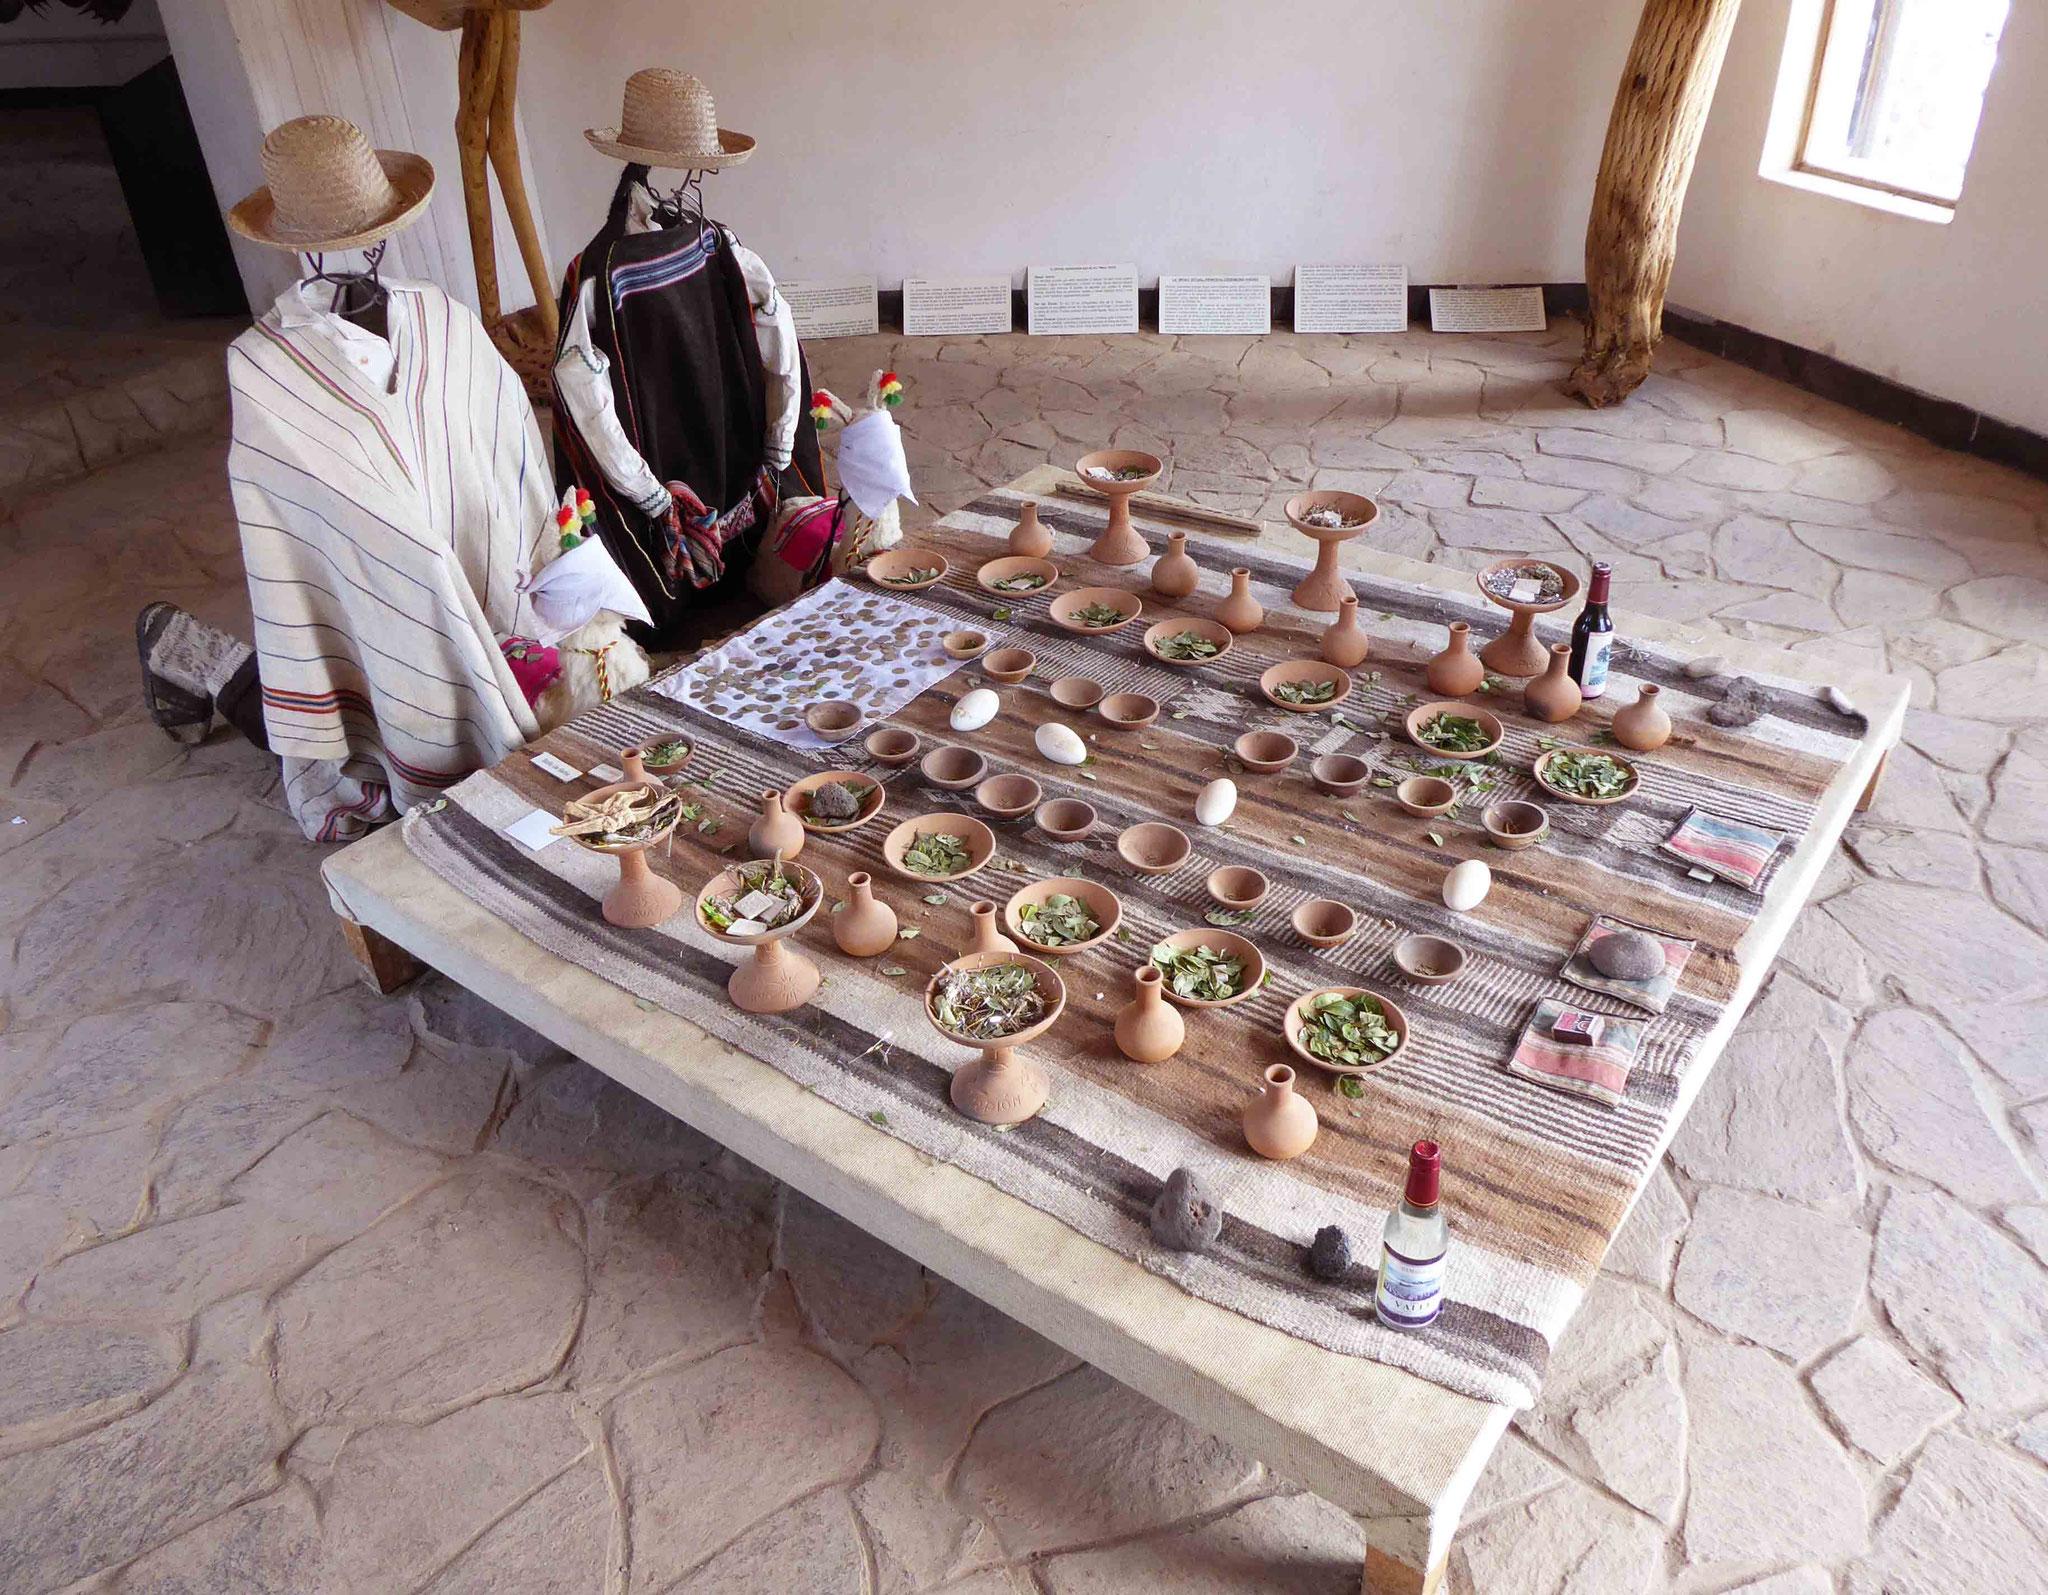 Toujours sur l'ile, les traditionnelles offrandes à la Pachamama déesse de la Terre (fertilité, générosité, abondance et rendement des cultures...)